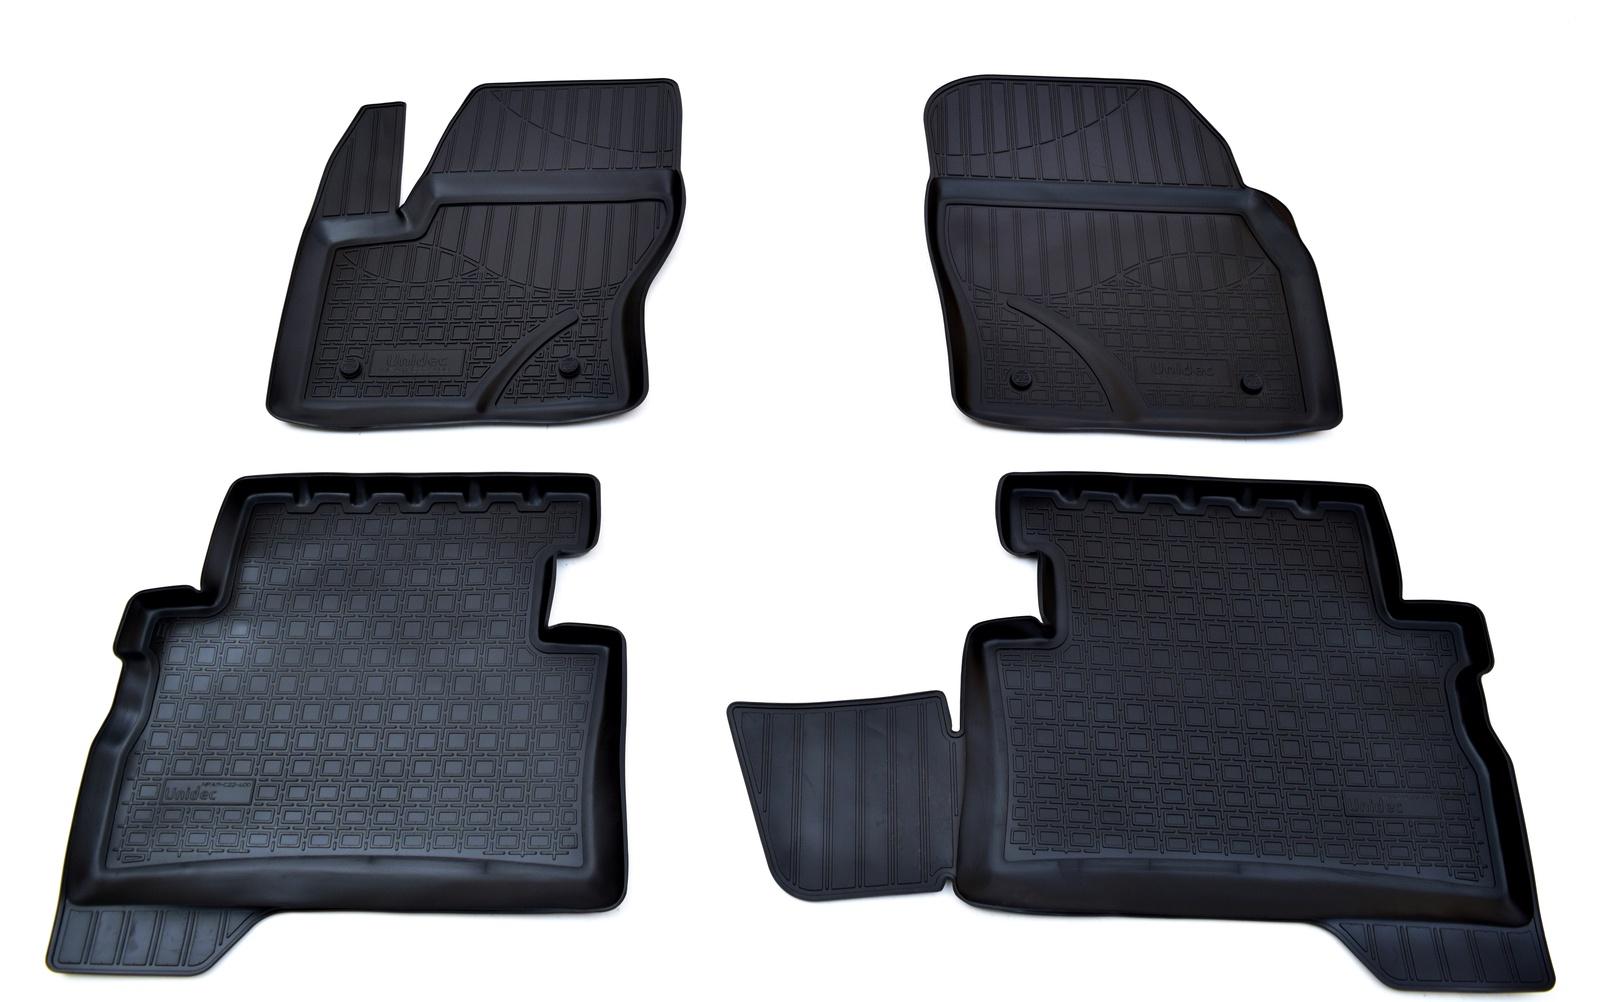 Коврики в салон Norplast для Ford Kuga 3D 2013, NPA11-C22-400, черный диск magnetto ford kuga 7 5xr17 5x108 et52 5 d63 3 black 17001 am